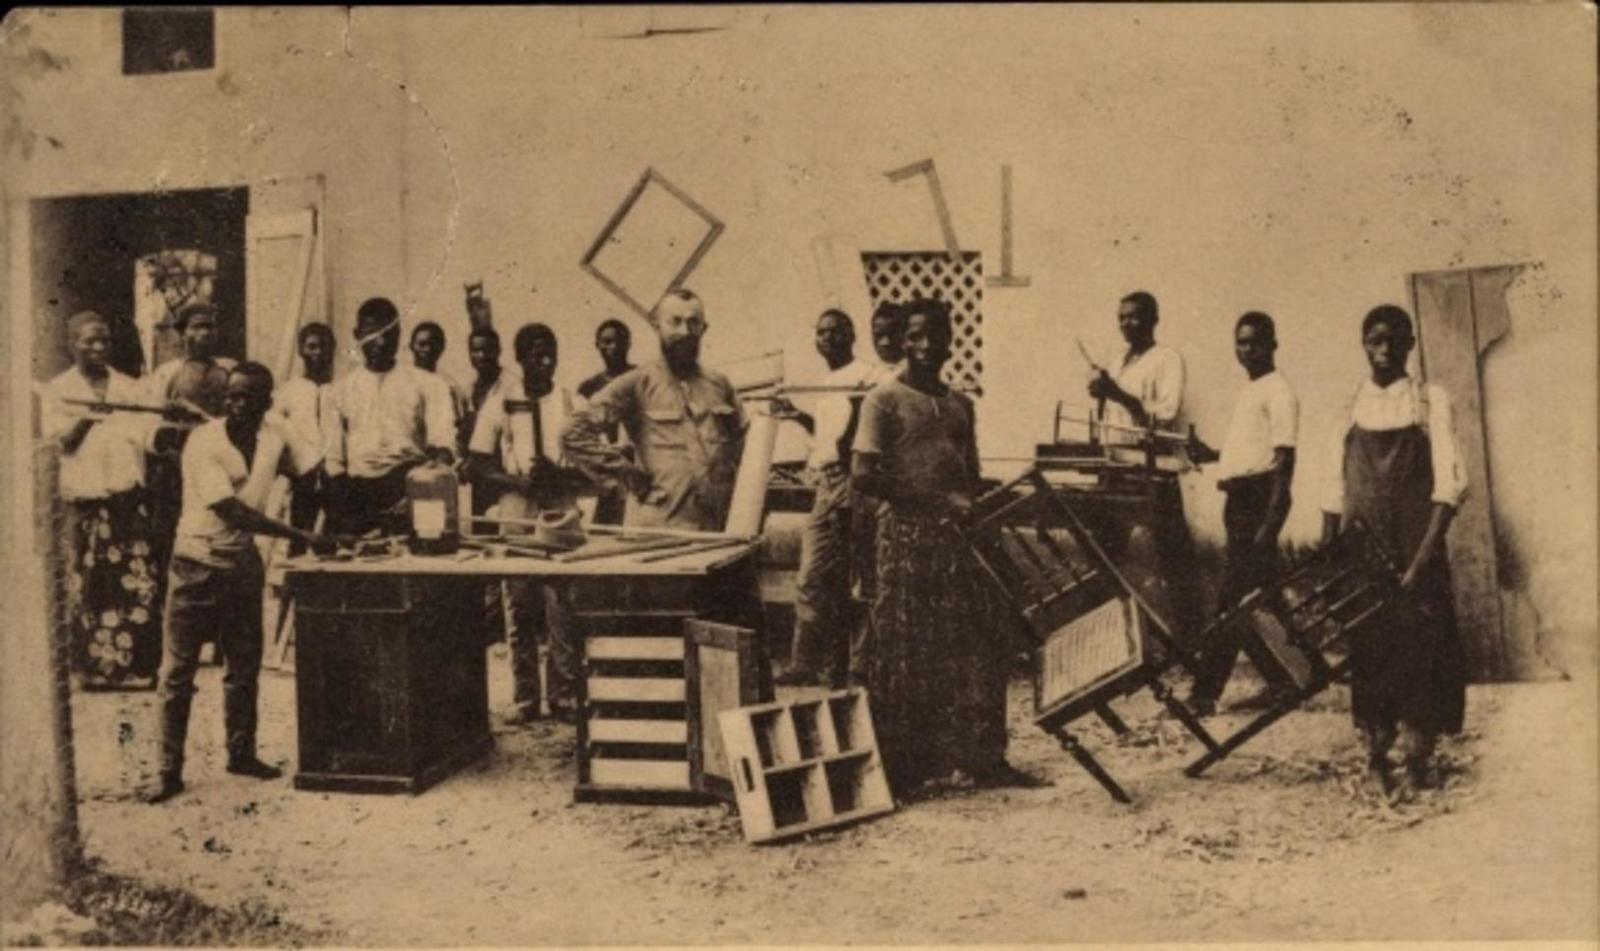 Douala -  Cp Douala Kamerun, Schreinerwerkstätte d. kath. Pallottinermission, einheimische Arbeiter, Missionar